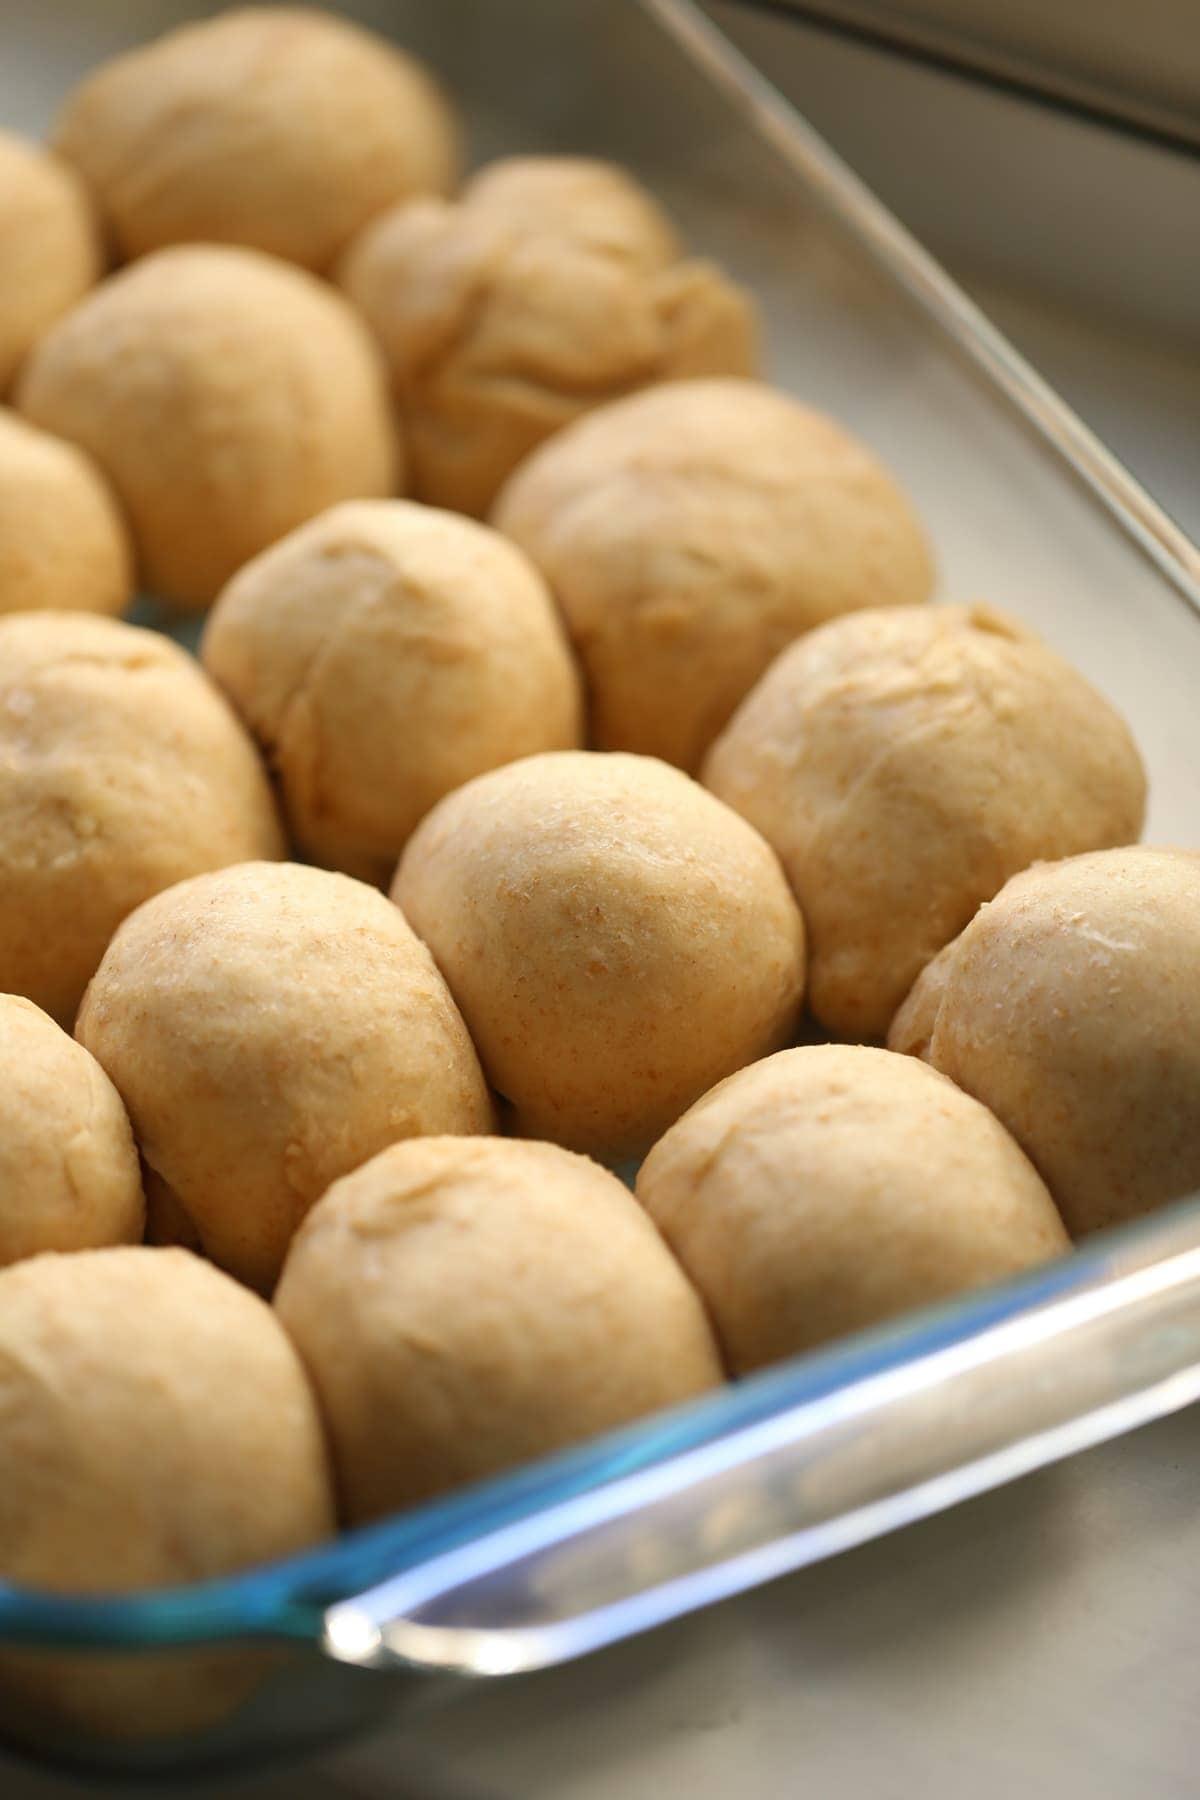 Whole Wheat Freezer Roll Dough